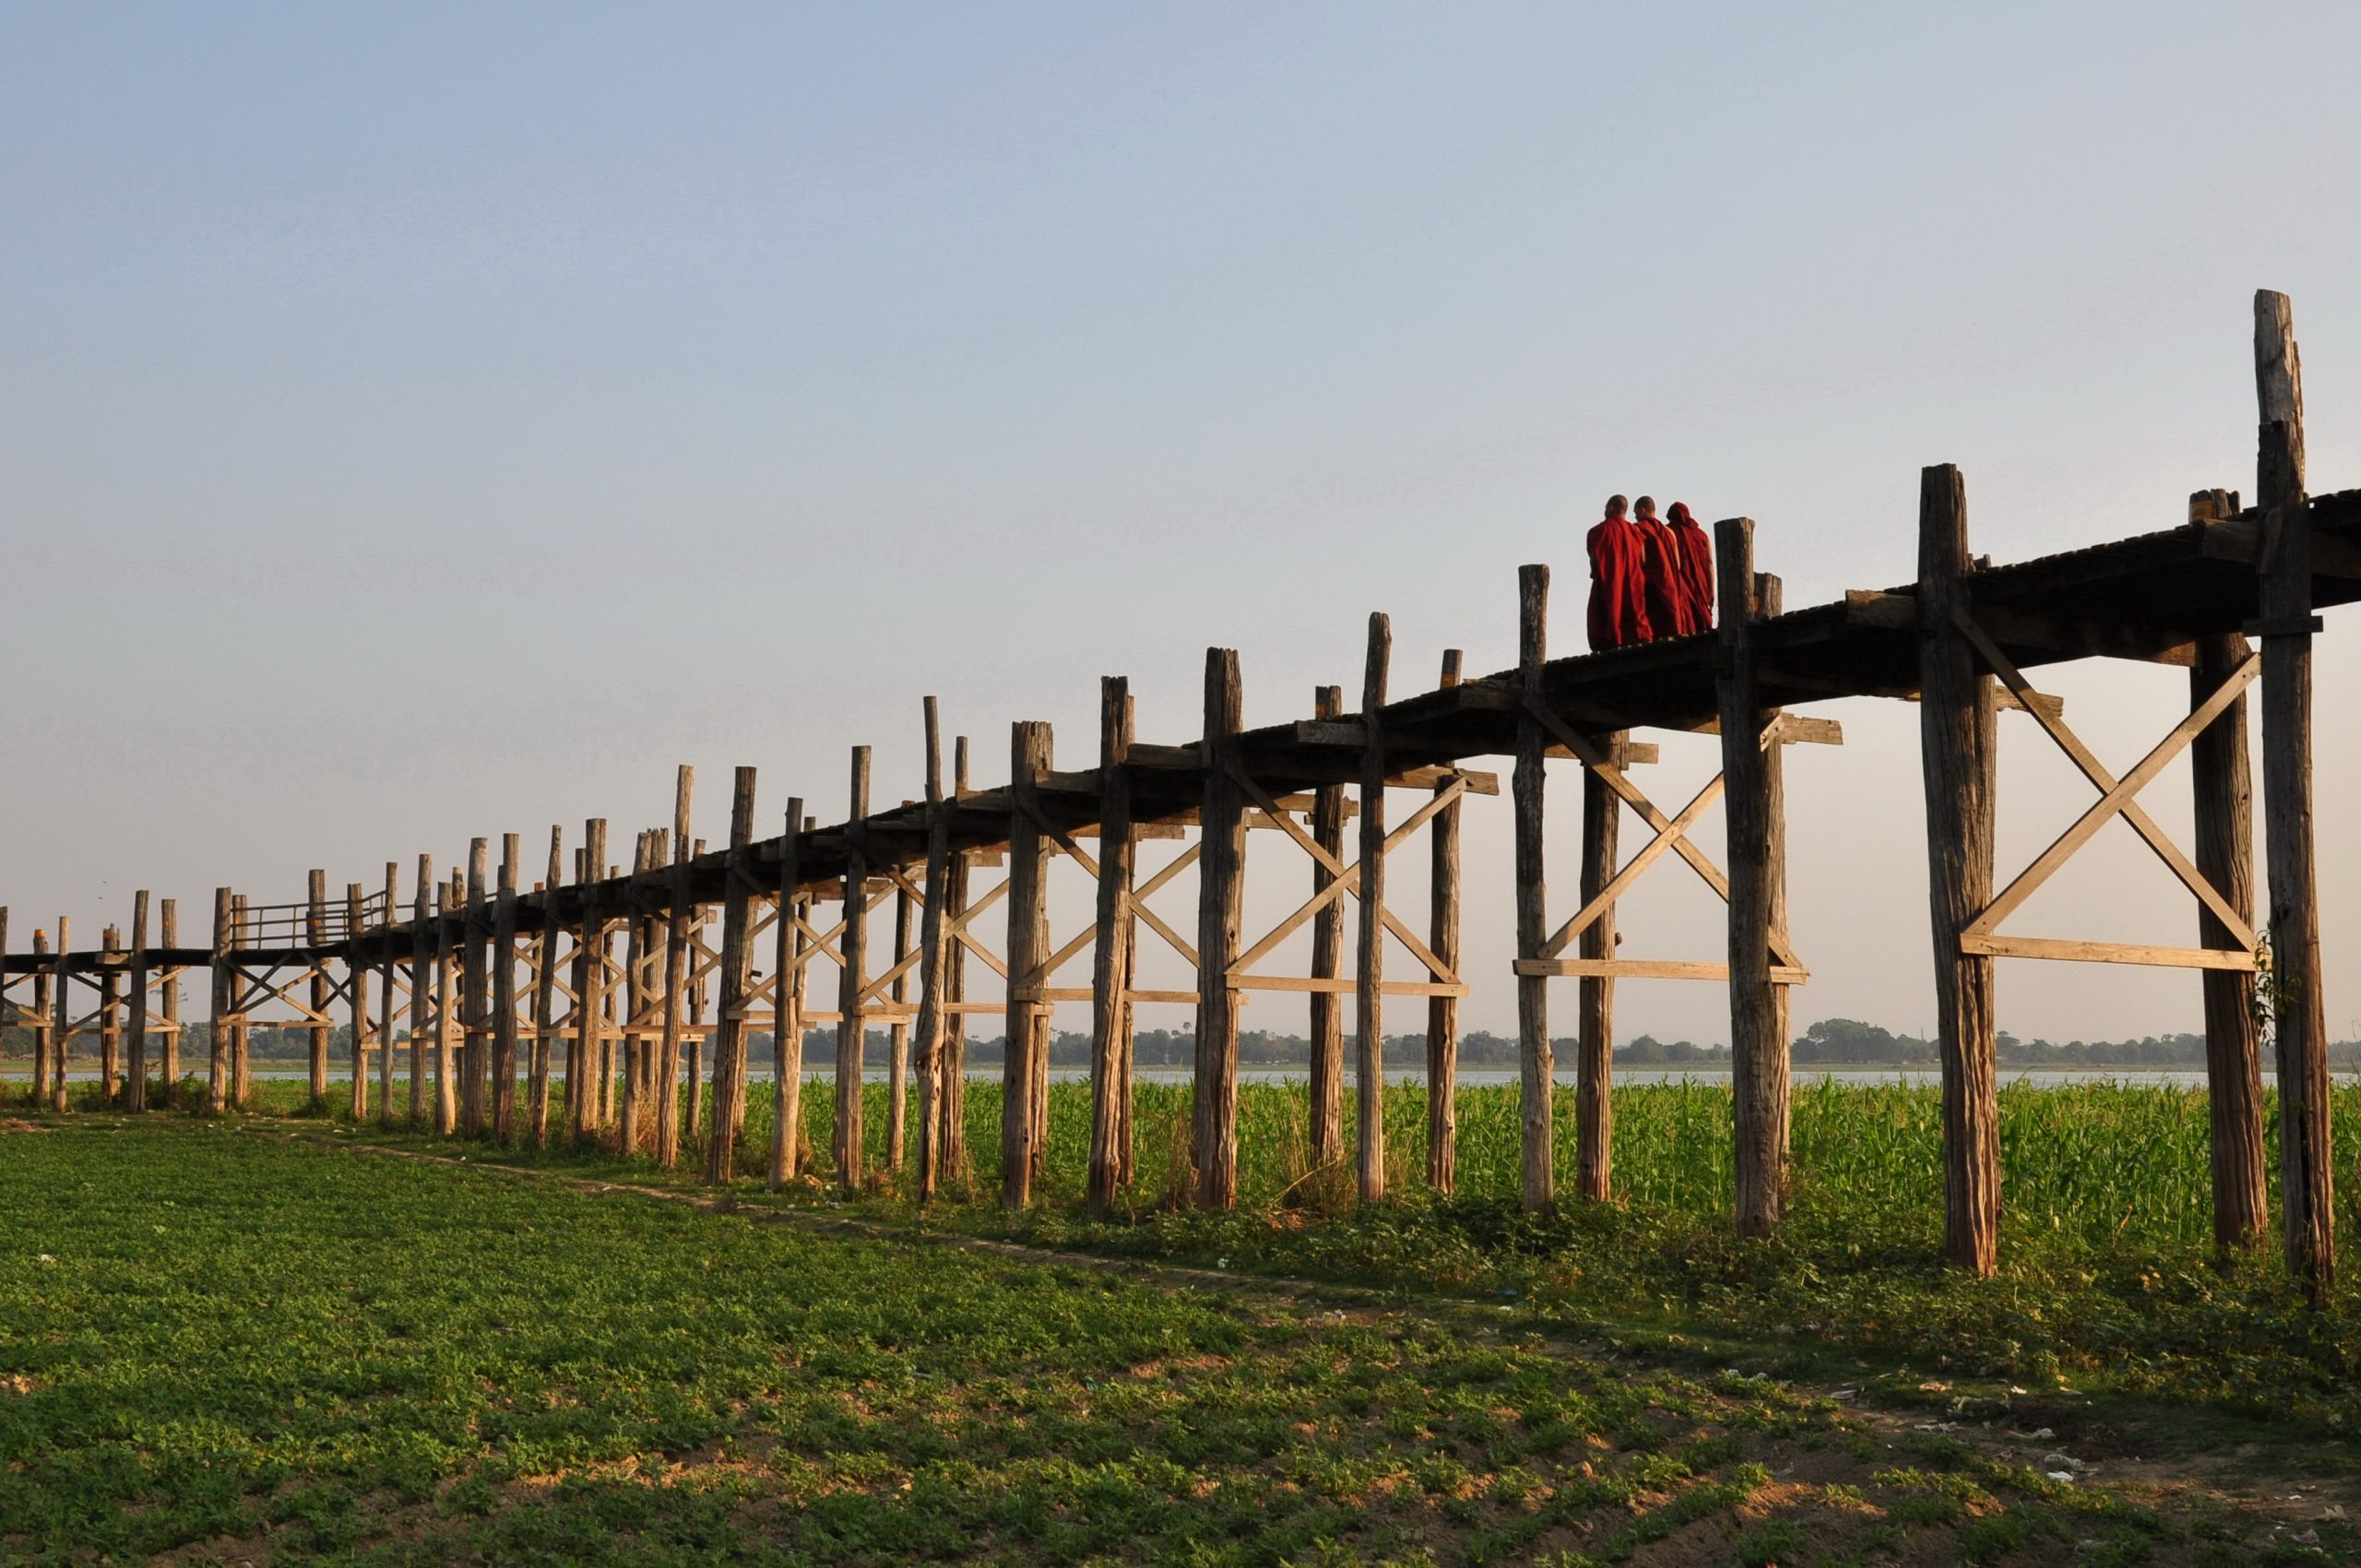 Pont d'U Bein : le plus long pont en Teck du monde, 1 200 mètres, construit en 1849 avec des billes récupérées lors d'un déménagement d'une cité royale, Mandalay (Birmanie)